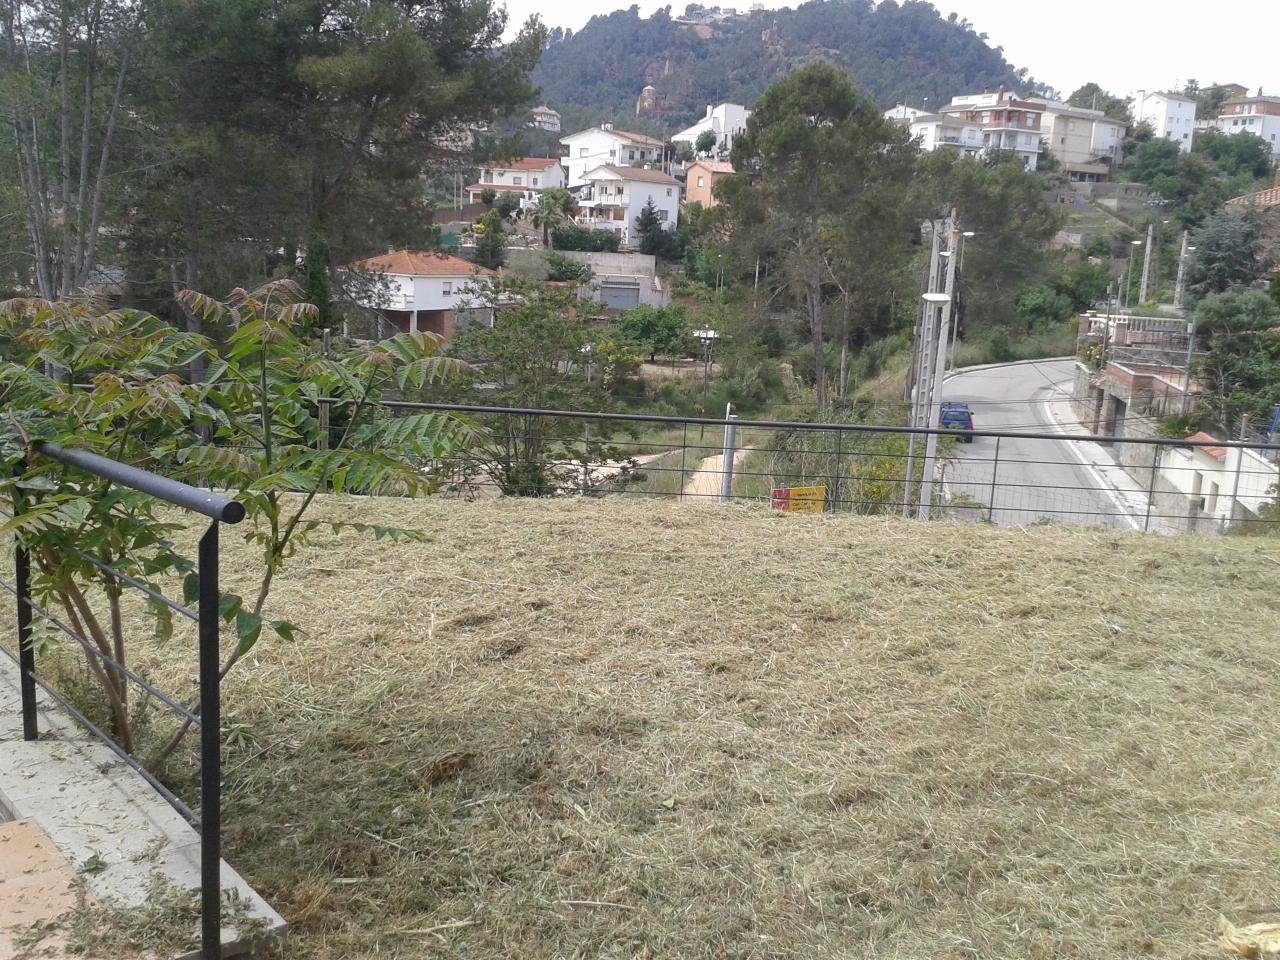 Serviciosdejardineriabasica marzo 2016 for Jardineria barata barcelona